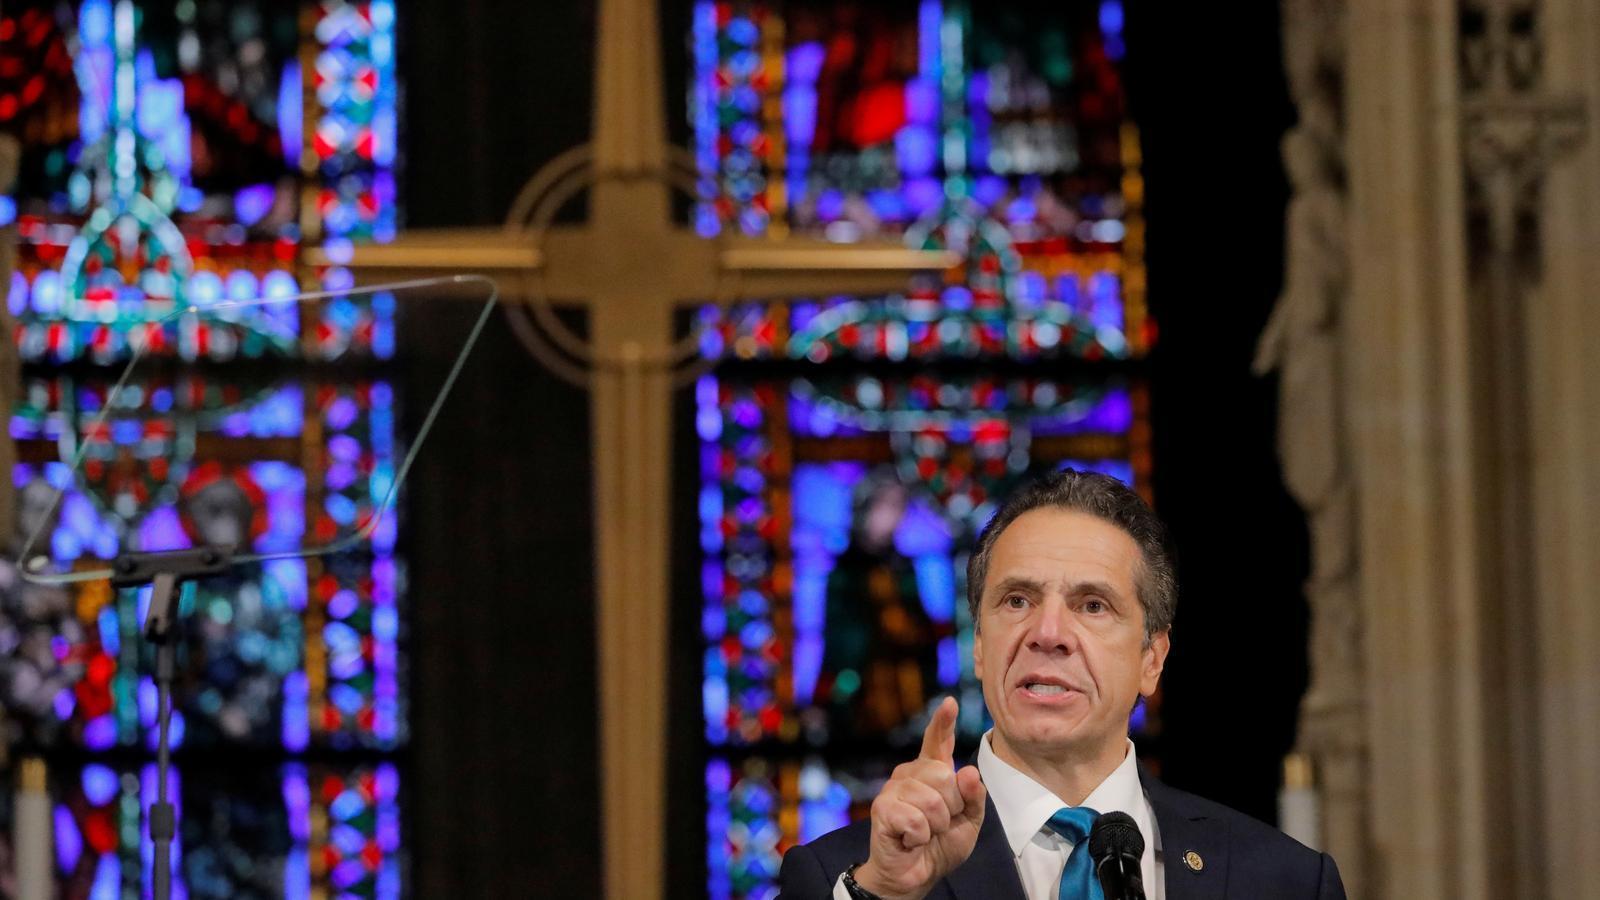 El governador de Nova York, Andrew Cuomo, feia un discurs sobre covid-19 a l'església Riverside de Manhattan el passat 15 de novembre.